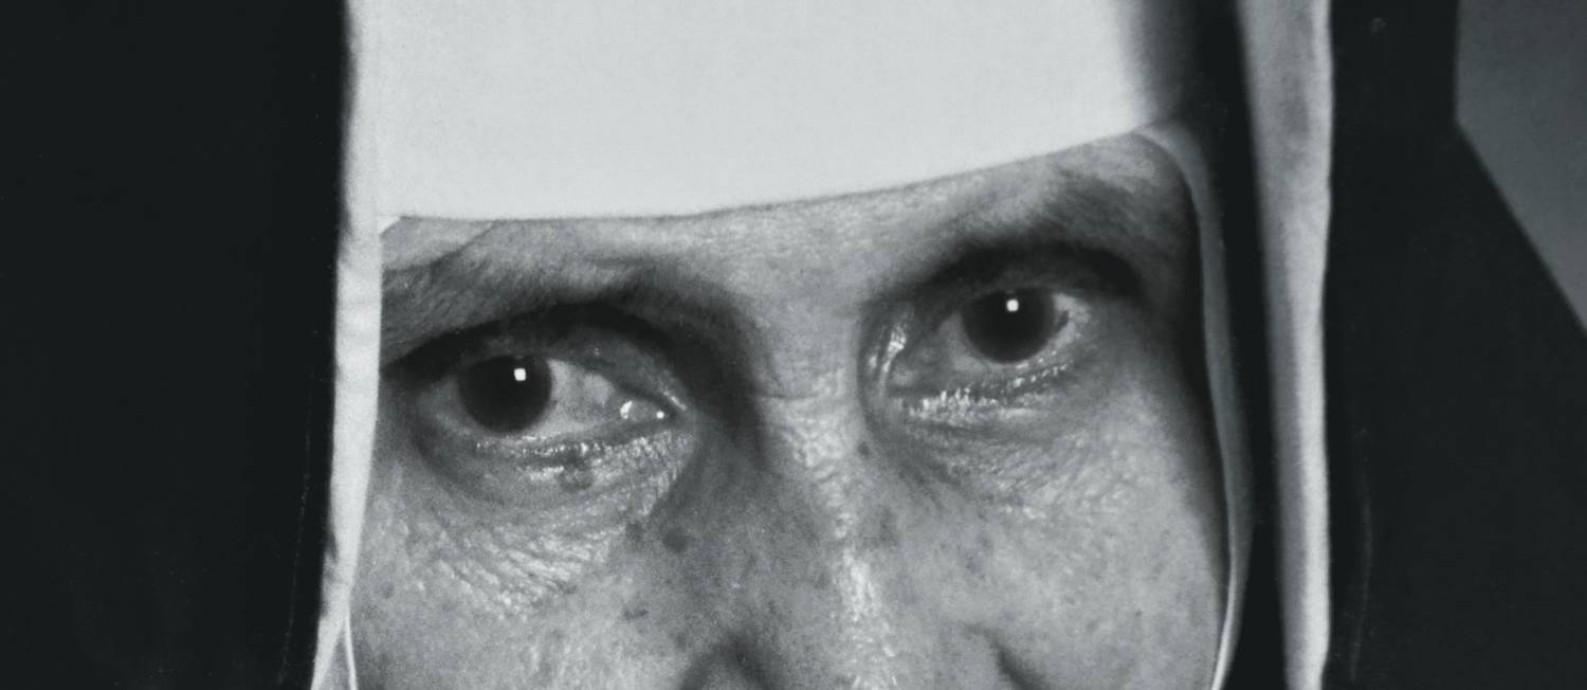 O Vaticano comprovou dois milagres no processo de canonização de Irmã Dulce (1914-1992), mas milhares de fiéis se disseram atendidos pela nova santa brasileira. Foto: Godong / Universal Images Group via Getty